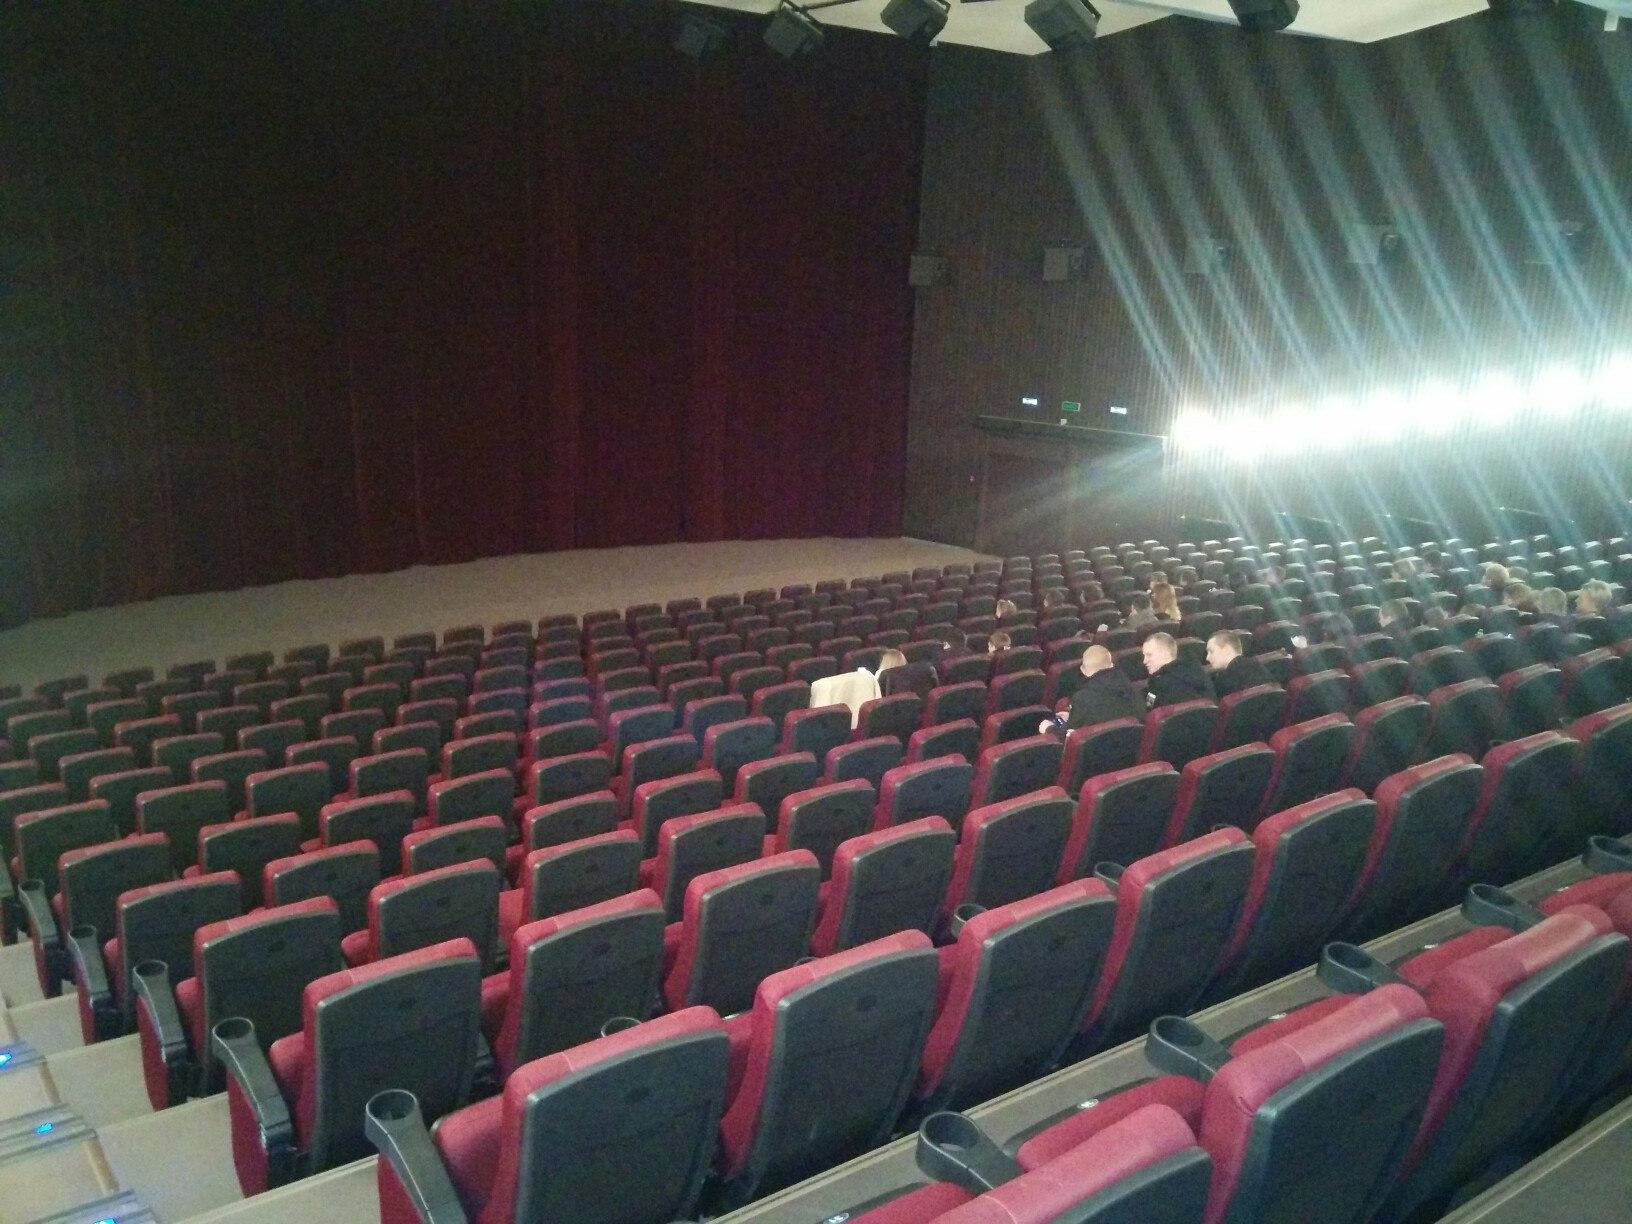 приготовления стерляди аврора кинотеатр мурманск фото подарок